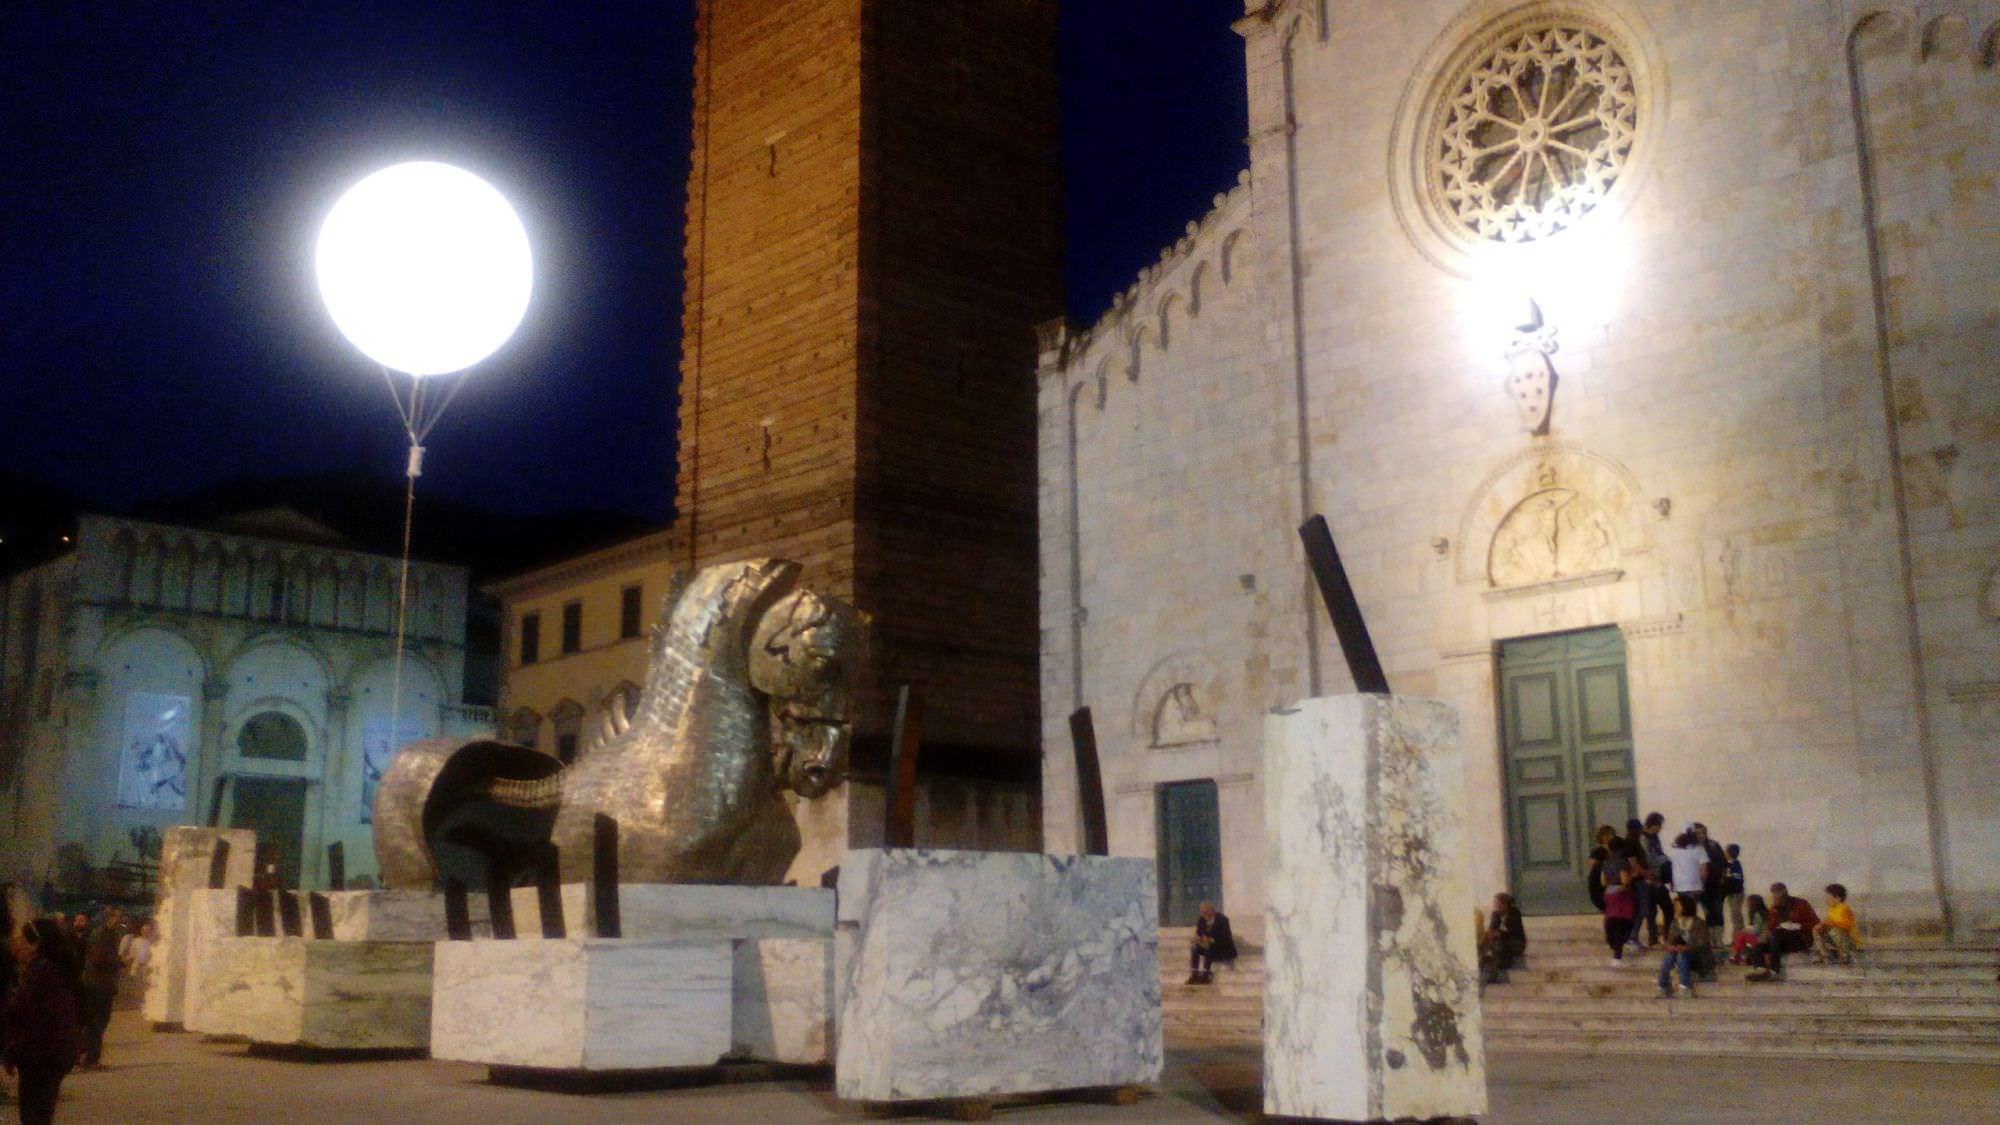 La luna di Aceves in piazza del Duomo